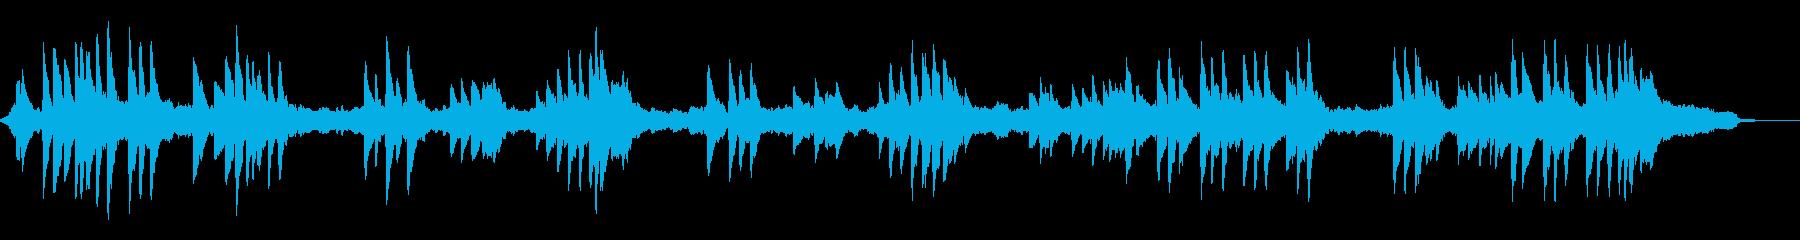 柔らかいハープの音色~和風のBGM~の再生済みの波形